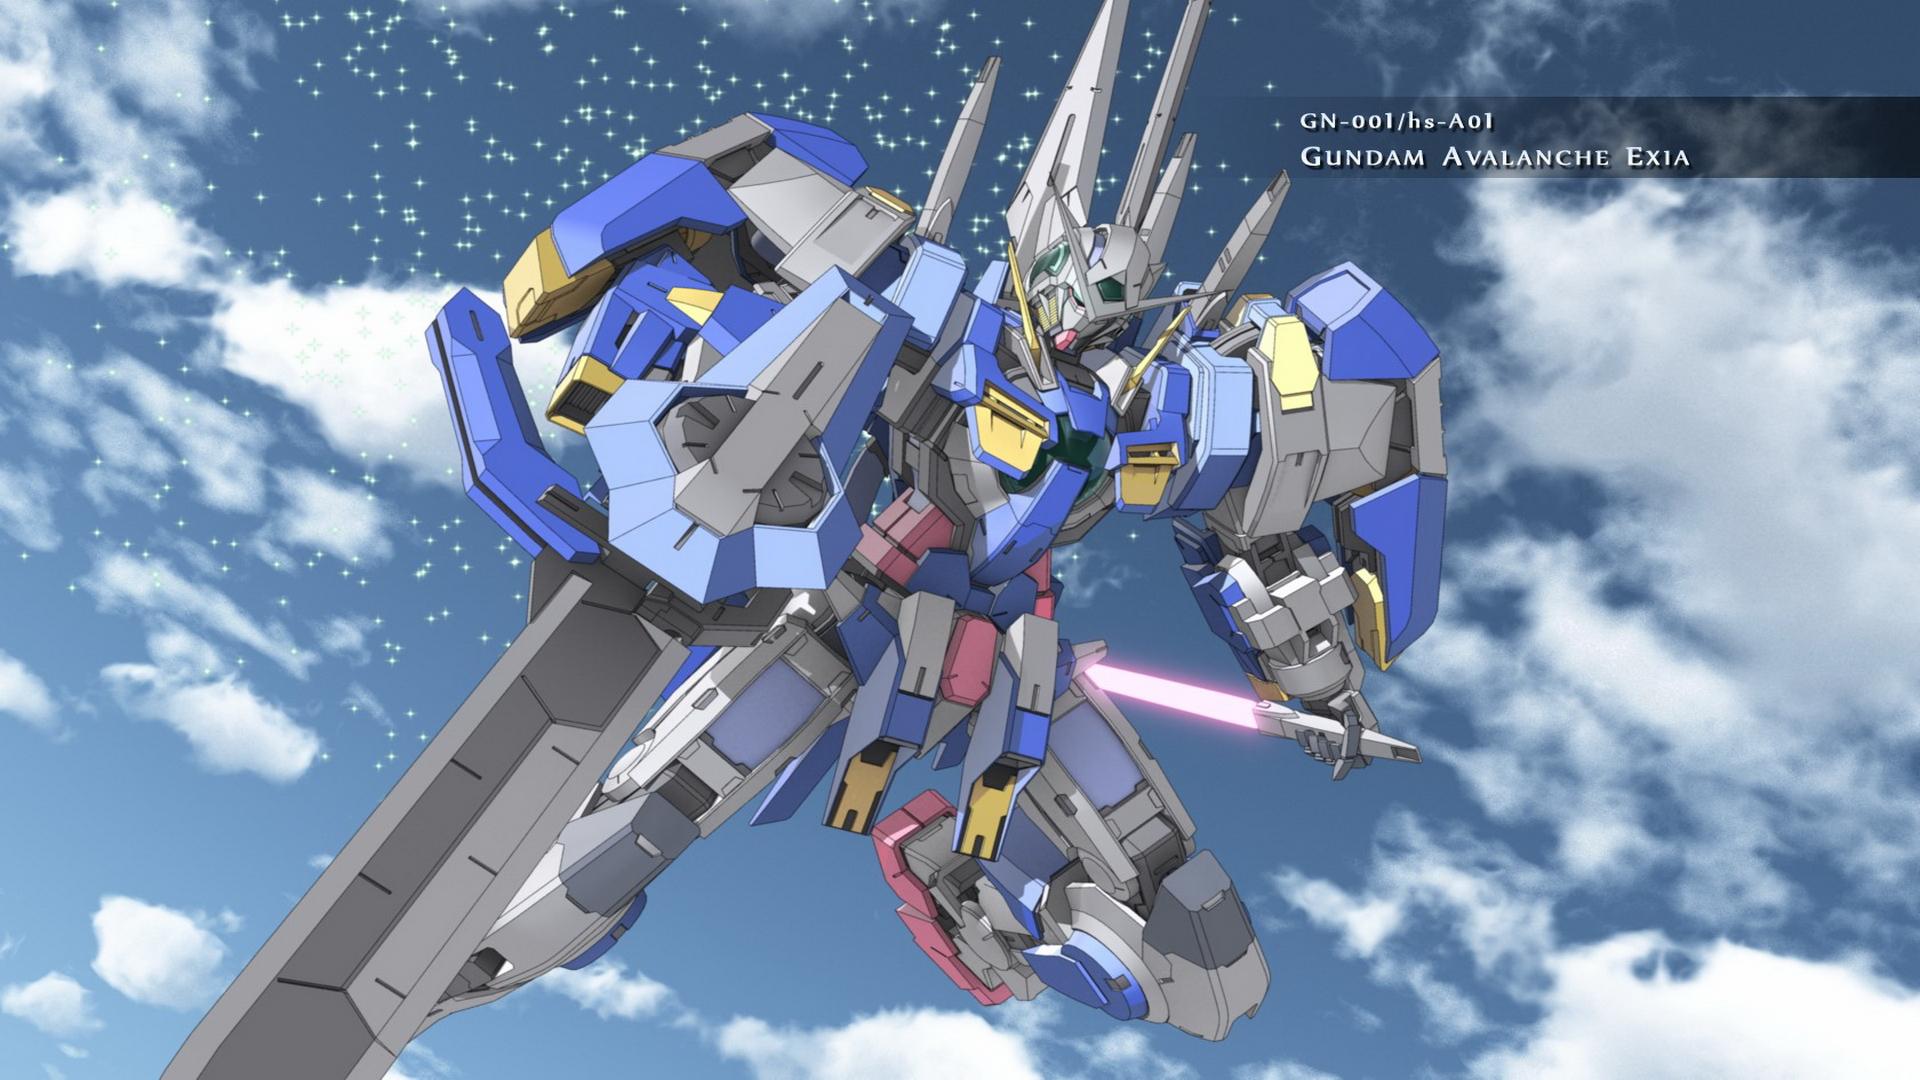 Gundam Wallpapers 25 HD Desktop Wallpapers 1920 x 1080 1920x1080